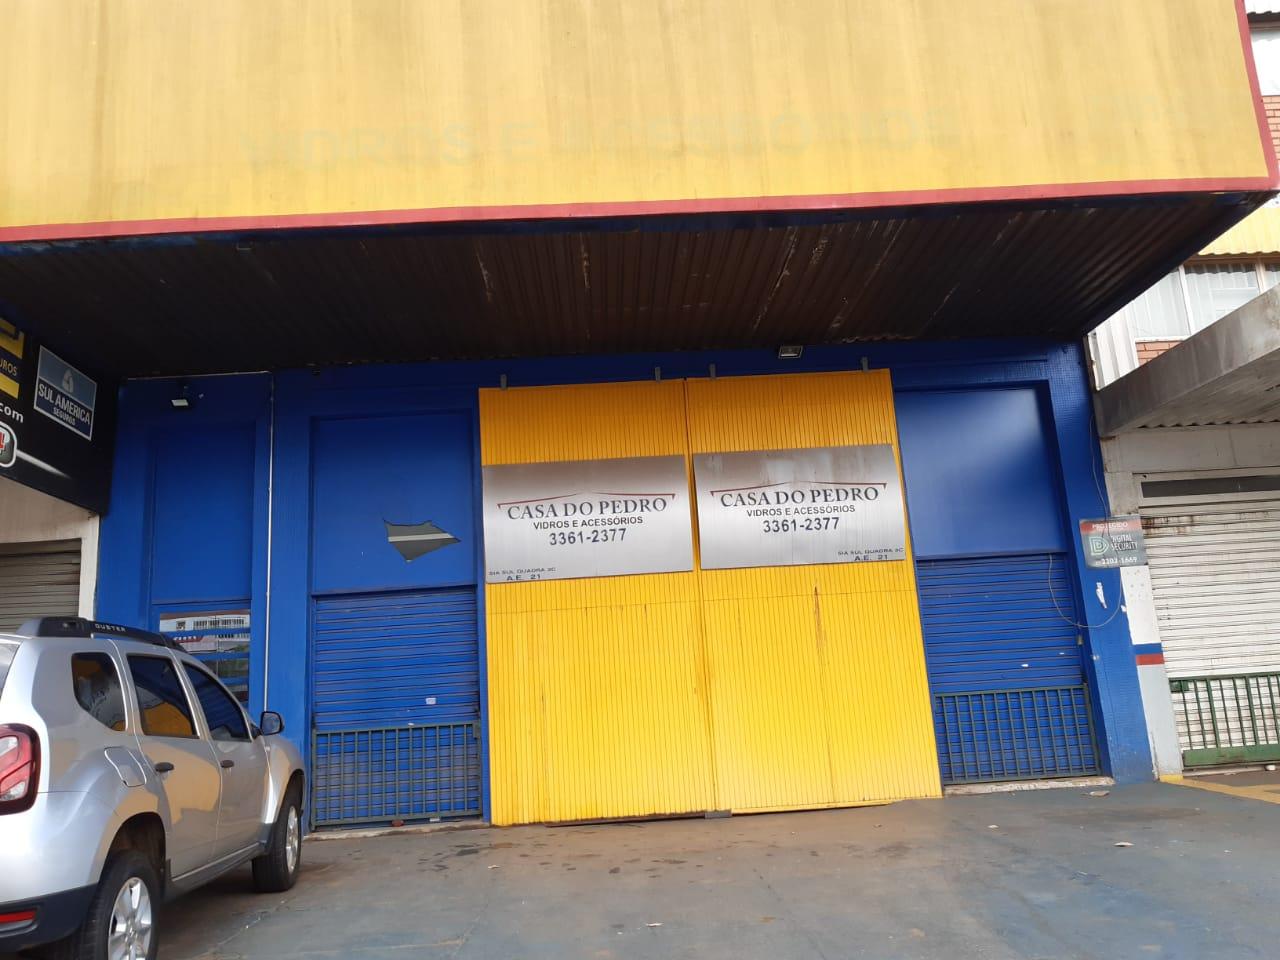 Casa do Pedro, vidros e acessórios, SIA Trecho 5, Comercio Brasilia